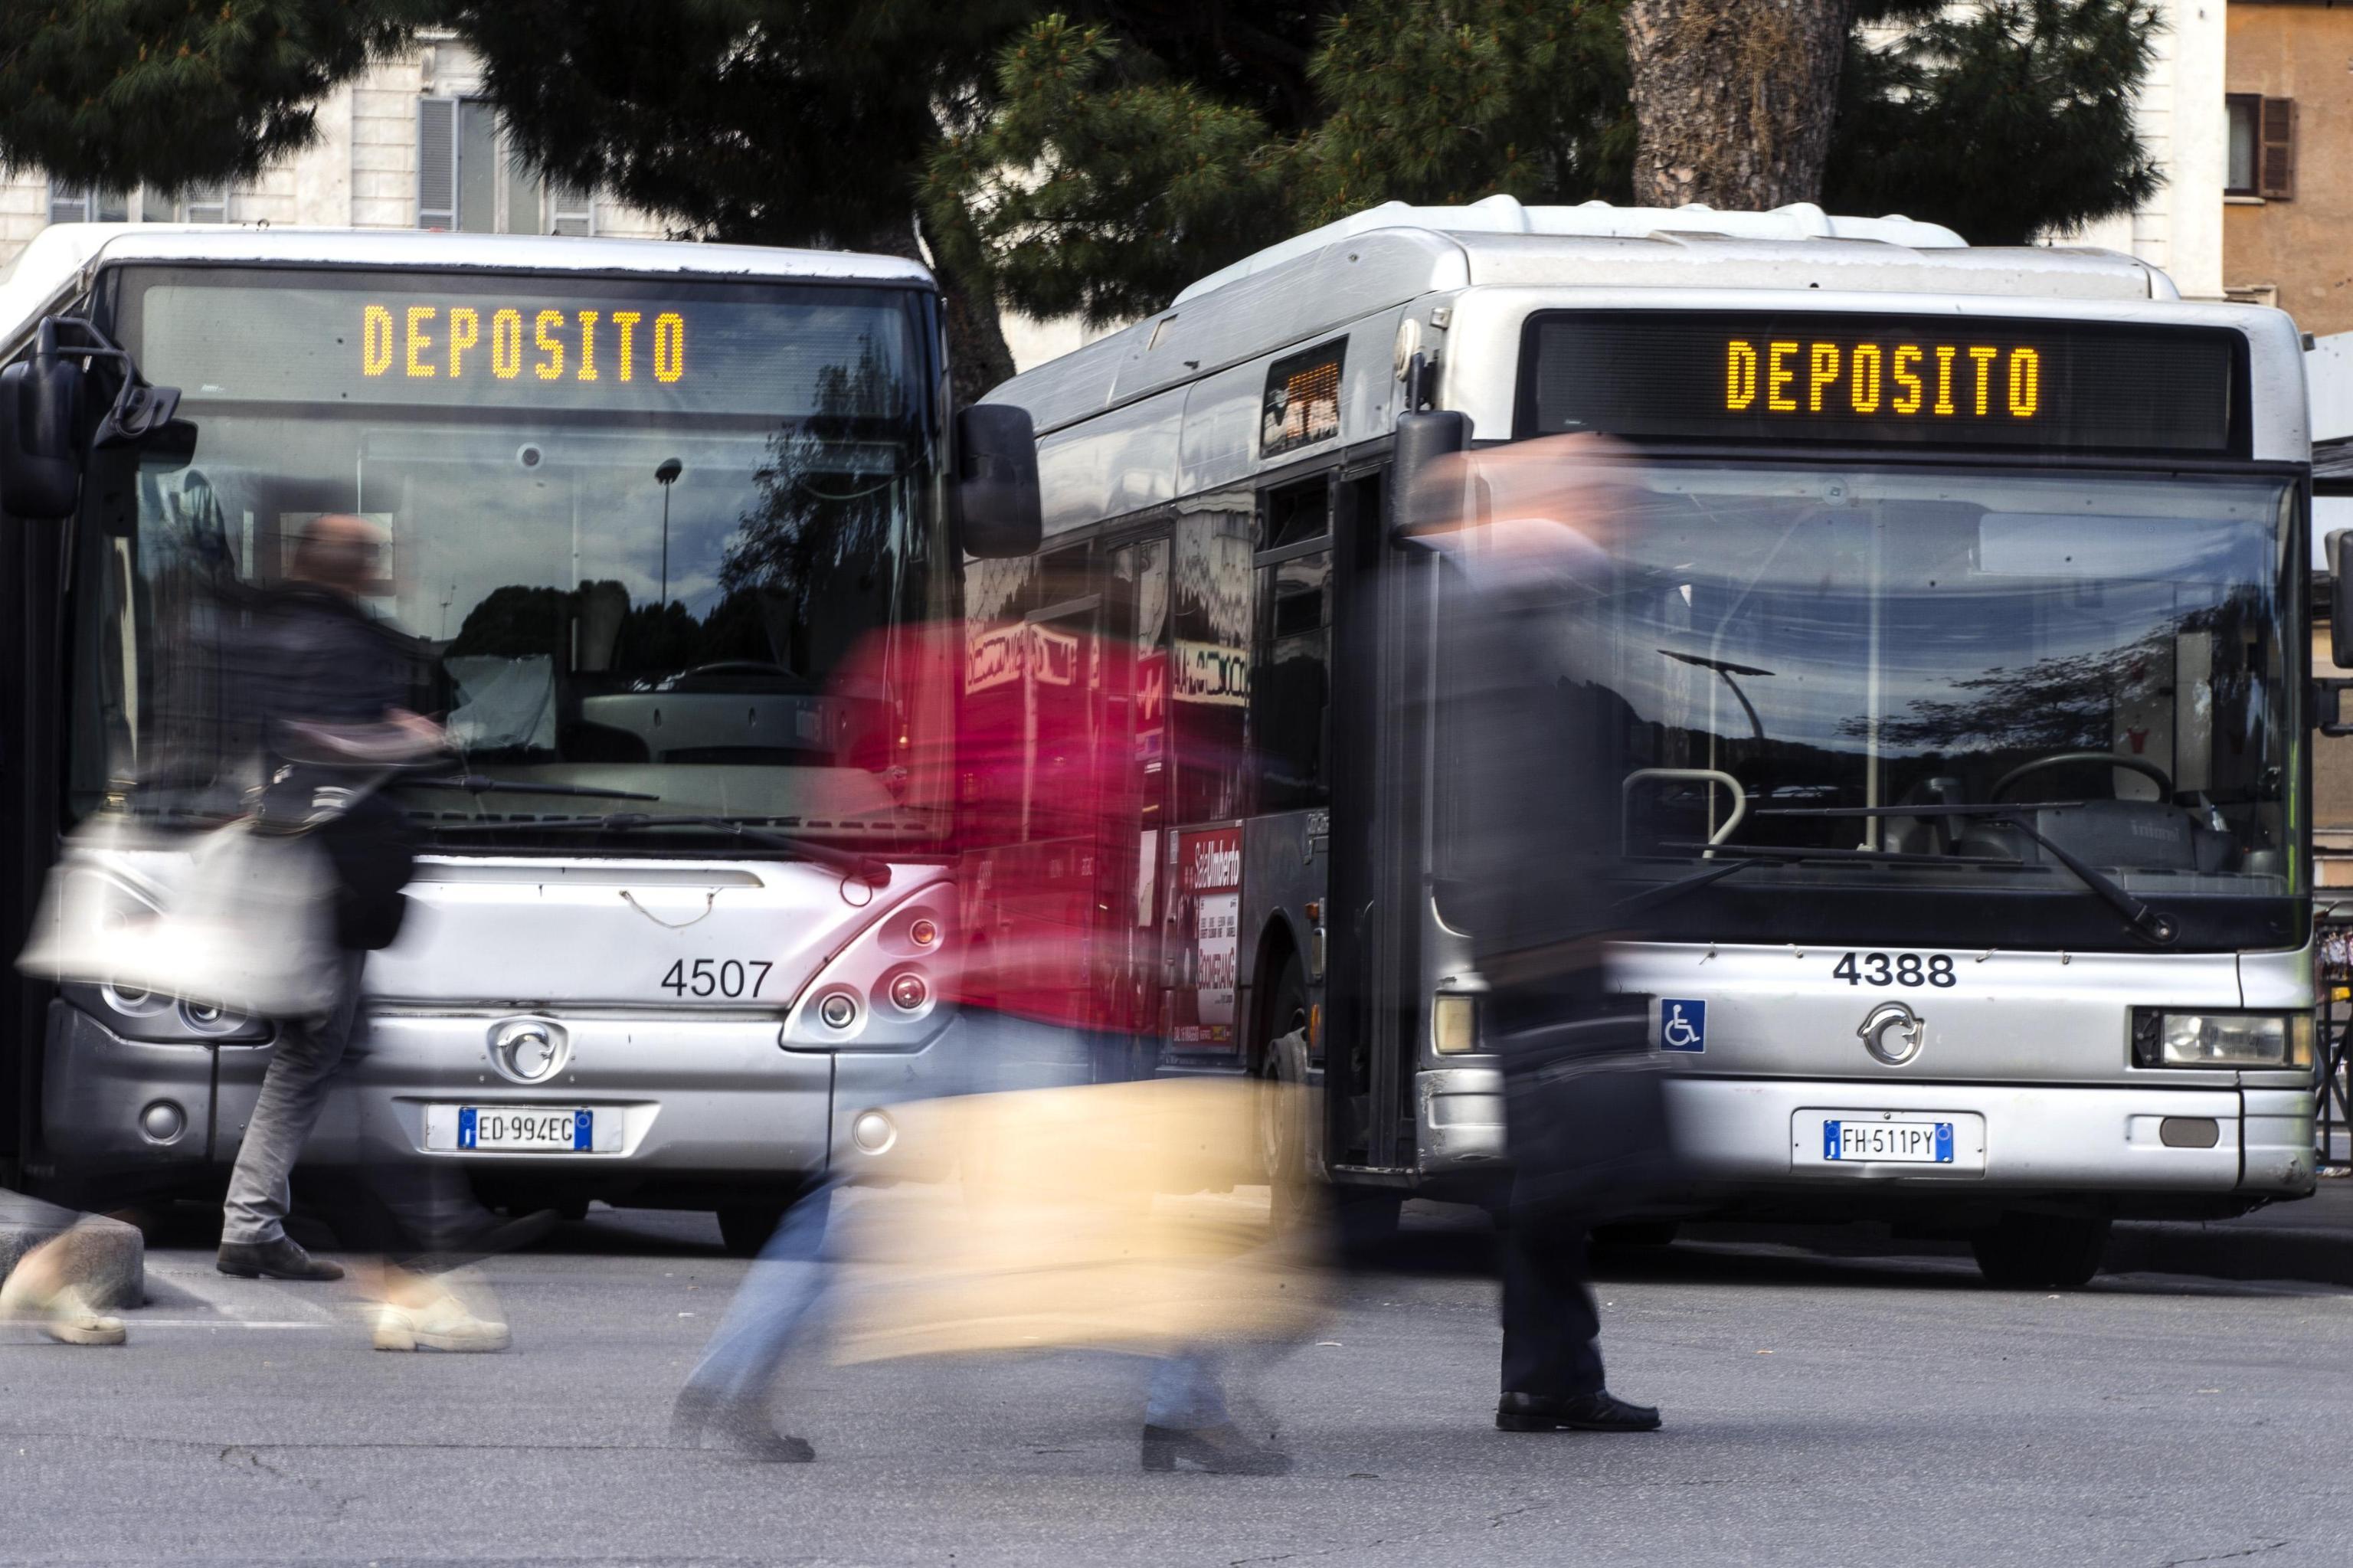 Sciopero 16 giugno 2017: treni, bus, metro, traghetti e aerei fermi per 24 ore. Orari e info utili